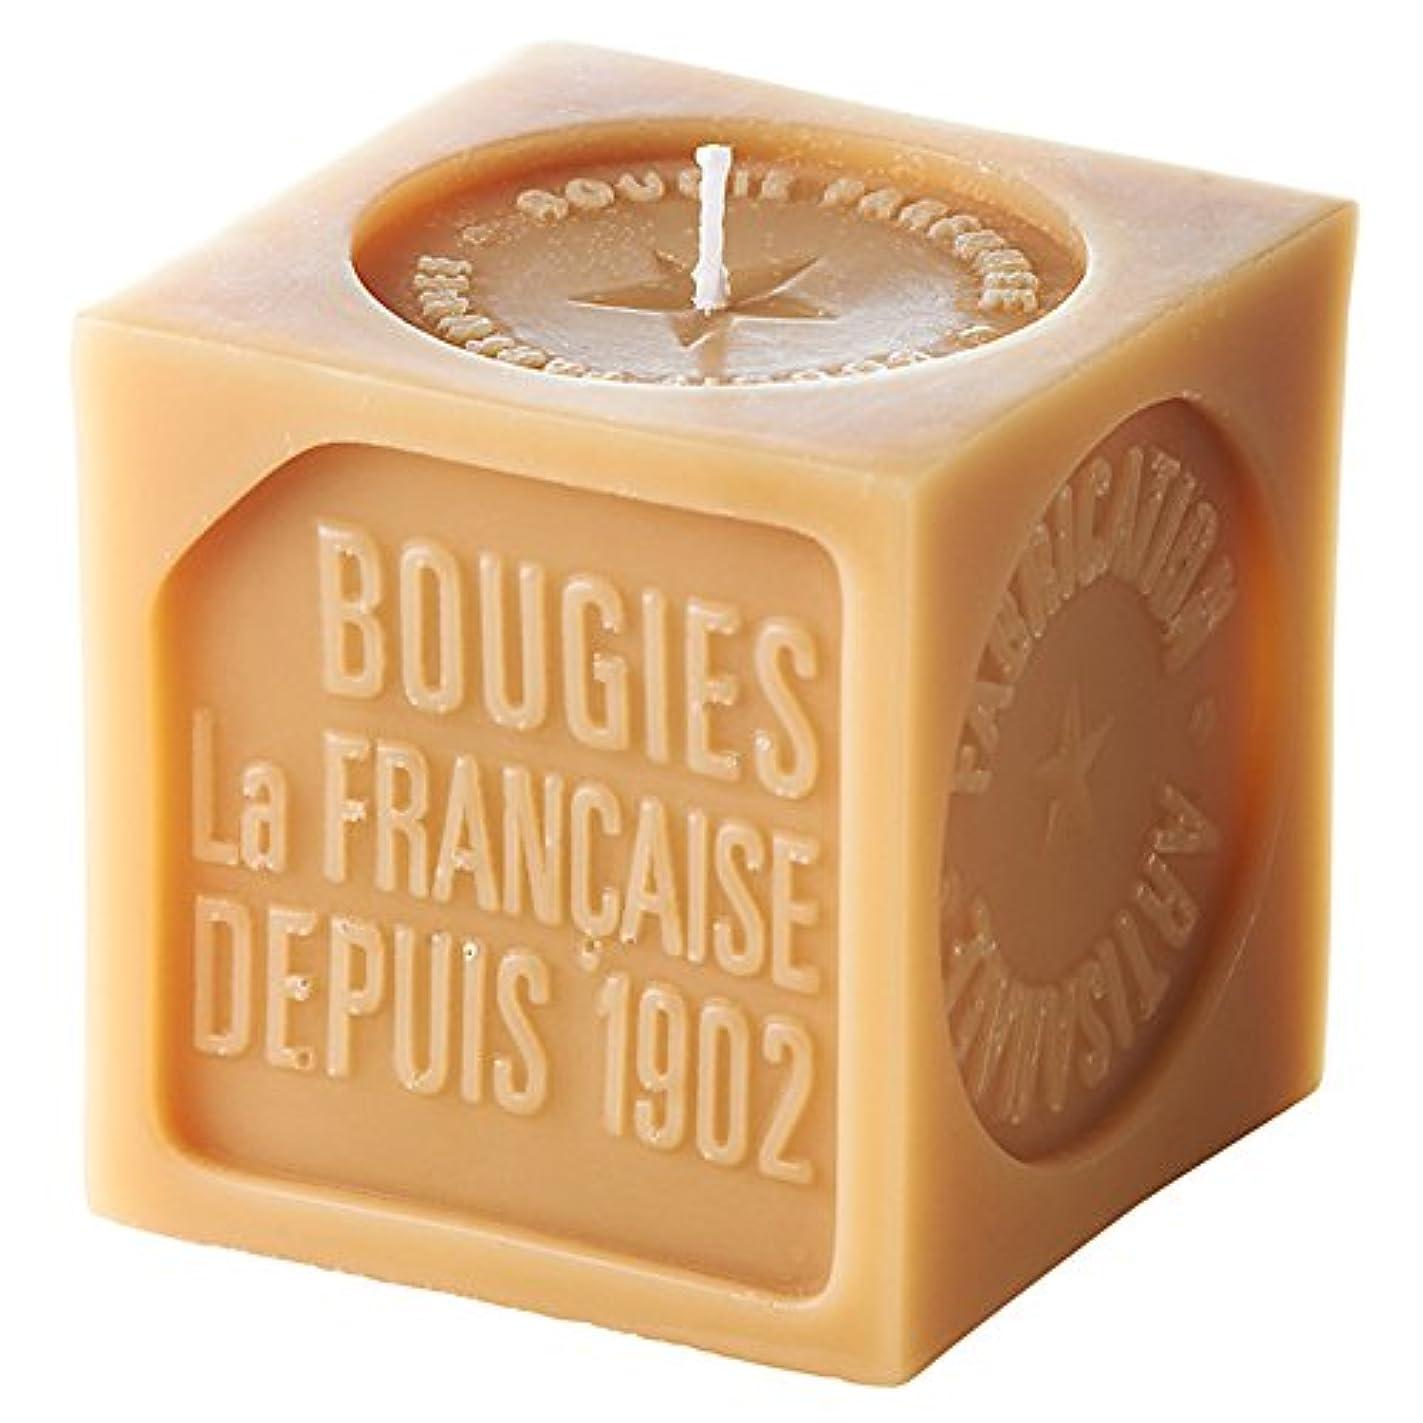 ホールドハチおもしろいブジ?ラ?フランセーズ ソープキャンドル オリーブグリーンの香りフランス製